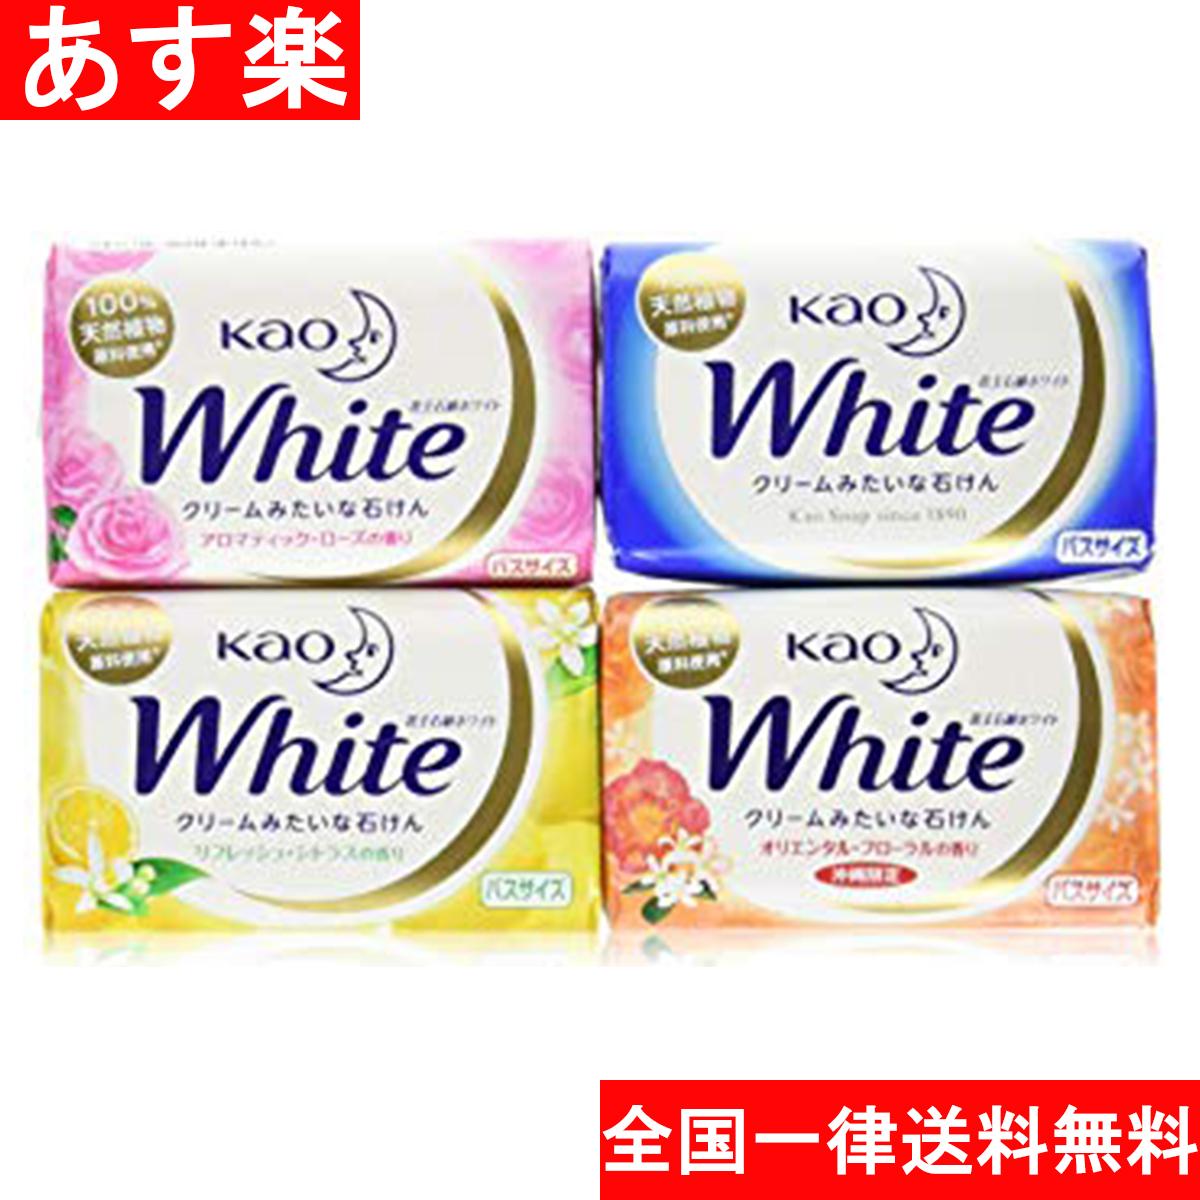 (ホテルアメニティ) きめ細かくのびの良い泡で、肌をやさしく洗えます 花王 (Kao Soap White) クリームみたいなせっけん。 - 業務用ミニサイズ (化粧石けん・固形石鹸) 15g×1000個セット 花王石鹸ホワイト (KAO) (業務用)